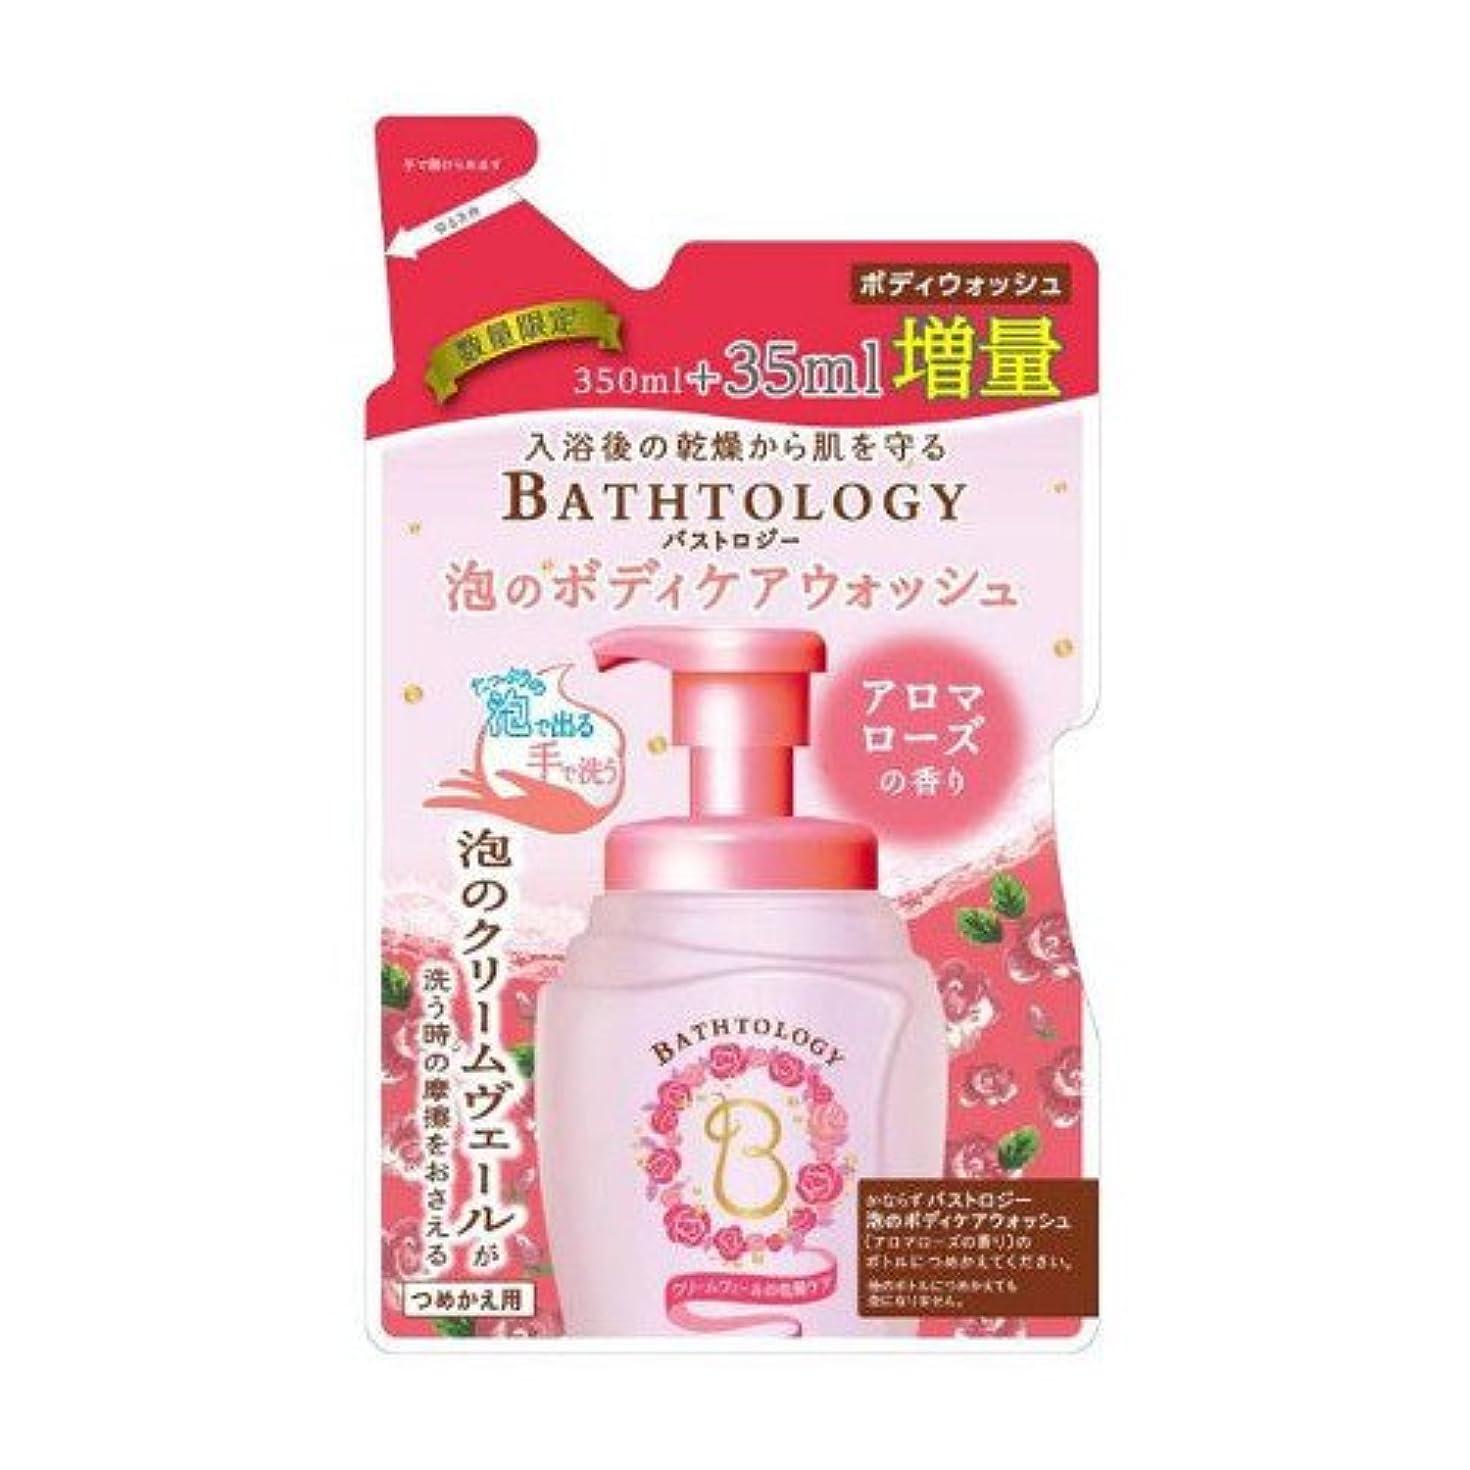 クローン乳製品適格BATHTOLOGY(バストロジー) 泡のボディケアウォッシュ アロマローズの香り 詰替